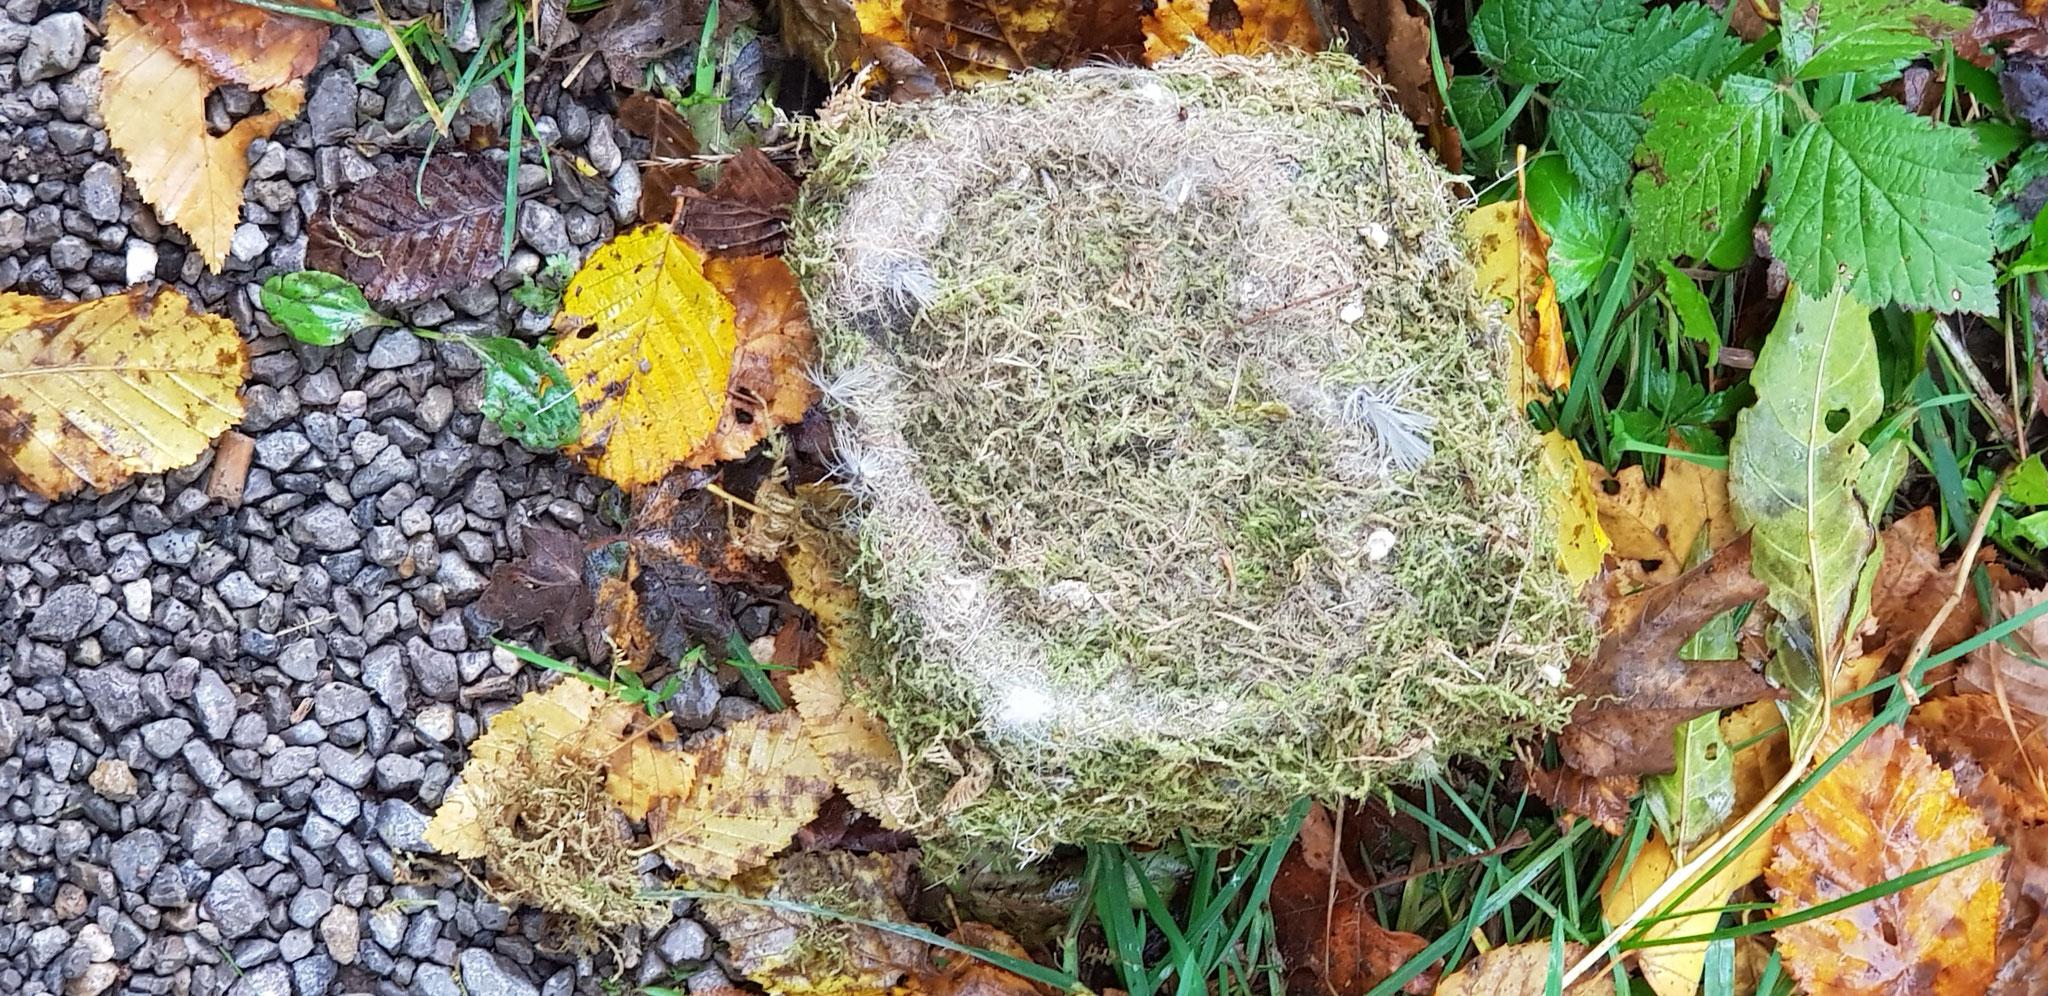 Ausgedientes Nest